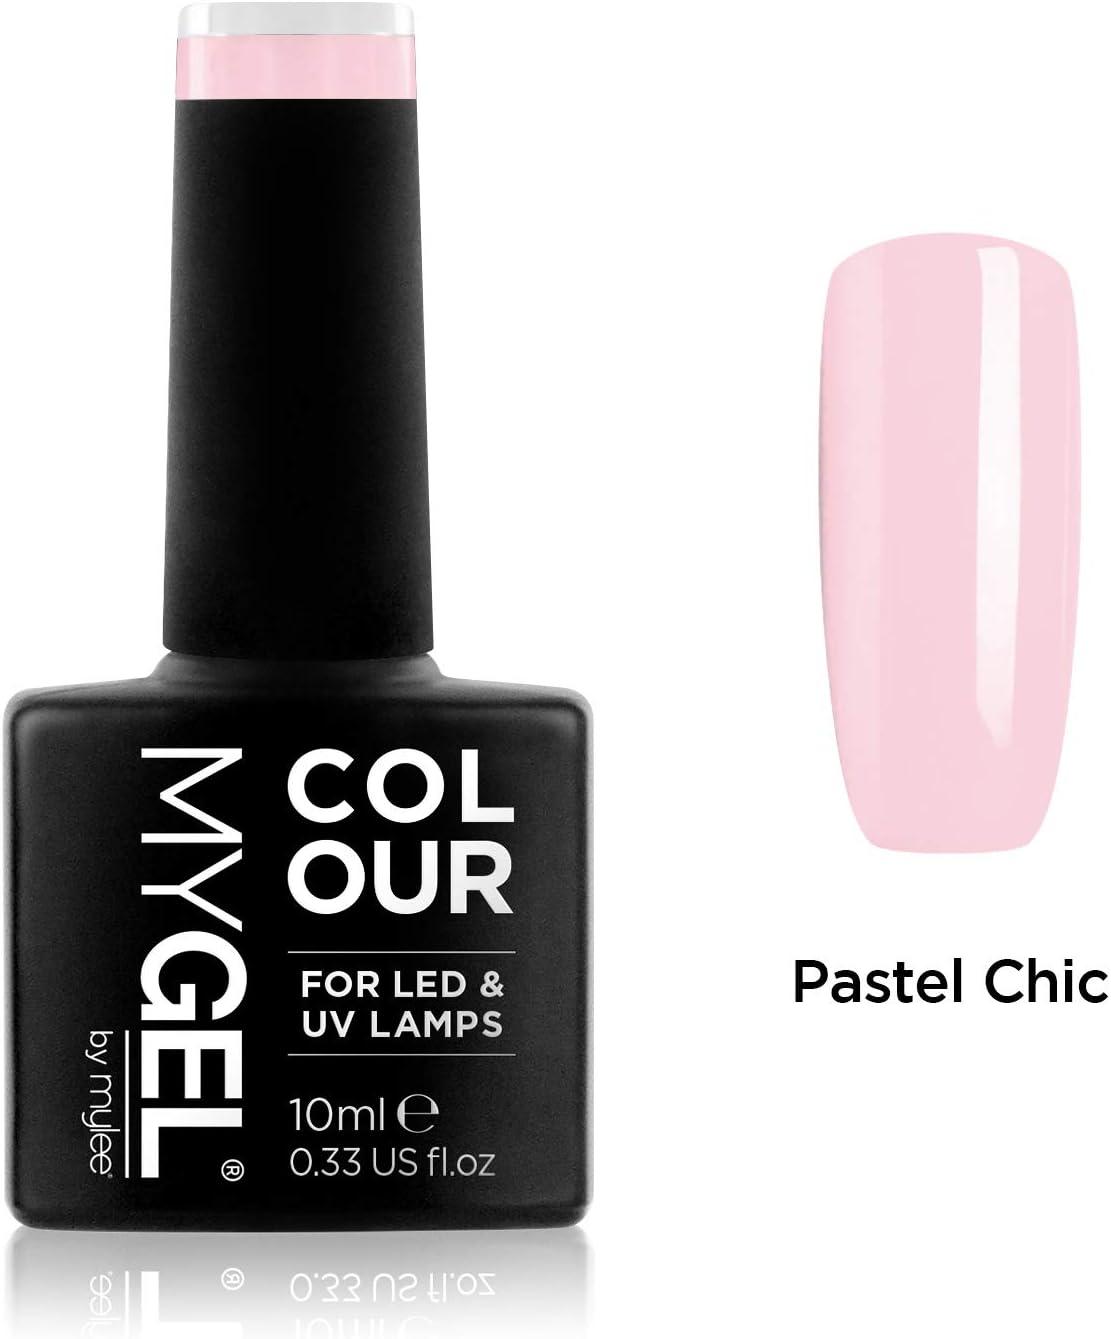 Esmalte de gel para uñas MyGel, de MYLEE (10ml) MG0041 - Pastel Chic UV/LED Nail Art Manicure Pedicure para uso profesional en el salón y en el hogar - Larga duración y